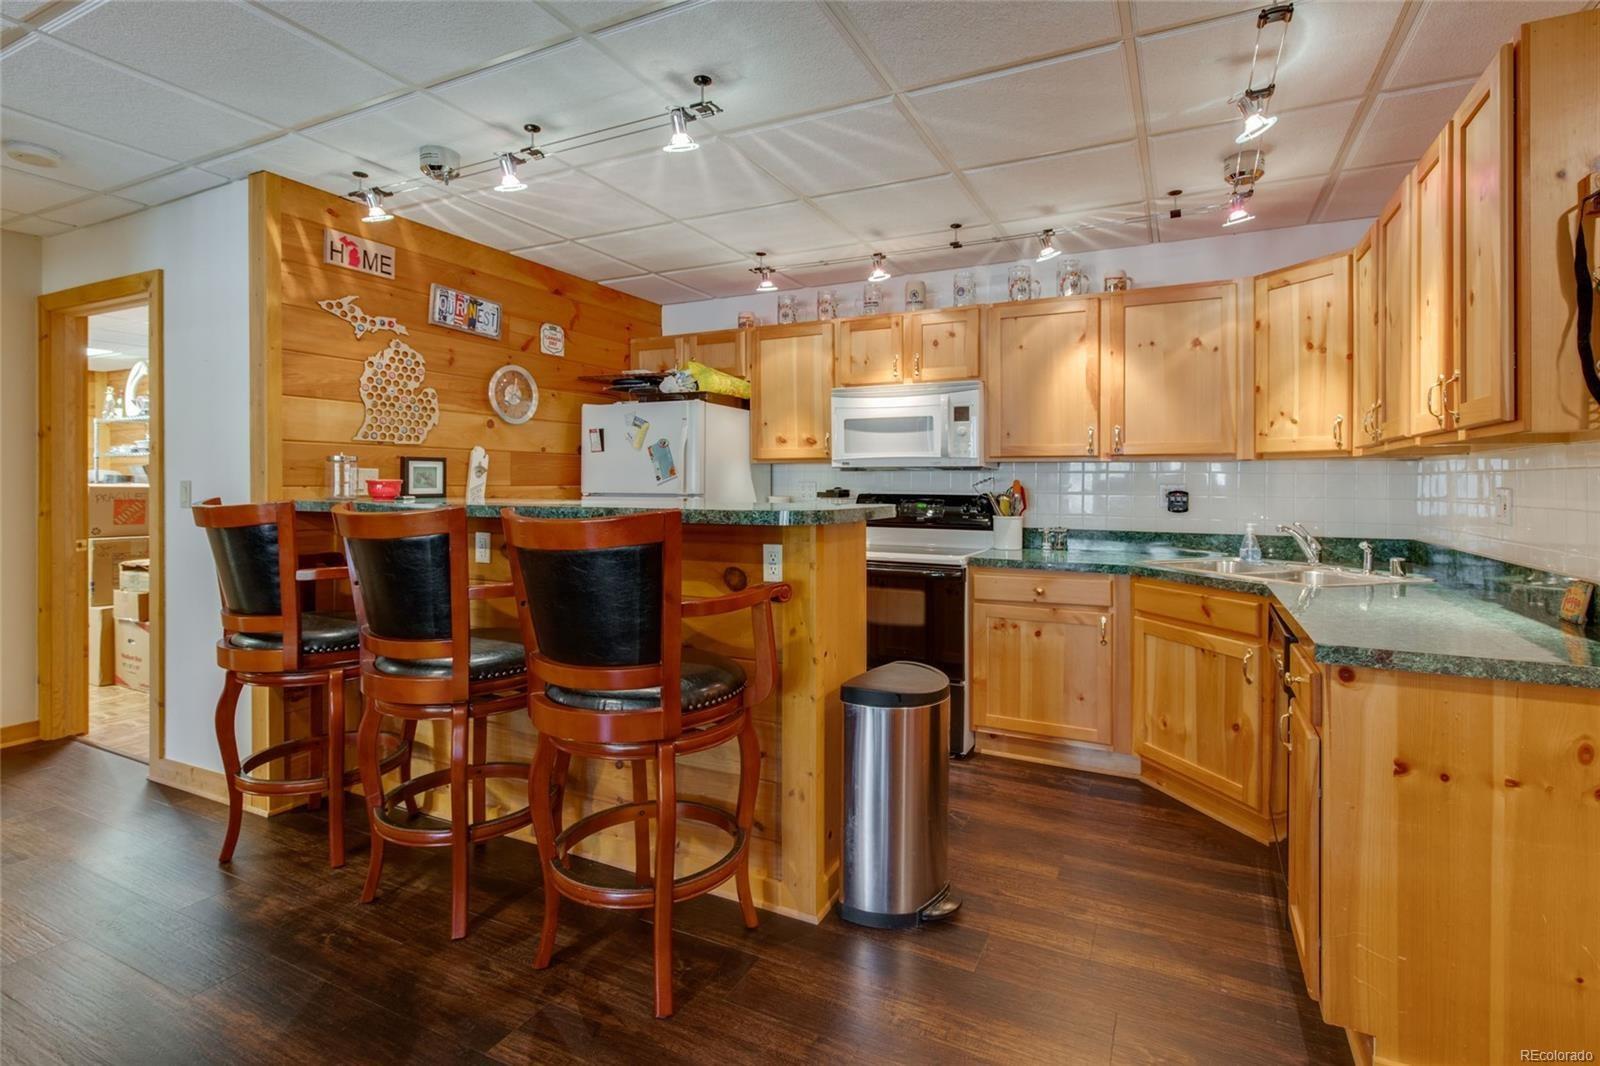 MLS# 2676932 - 27 - 210 Bear Drive, Golden, CO 80403